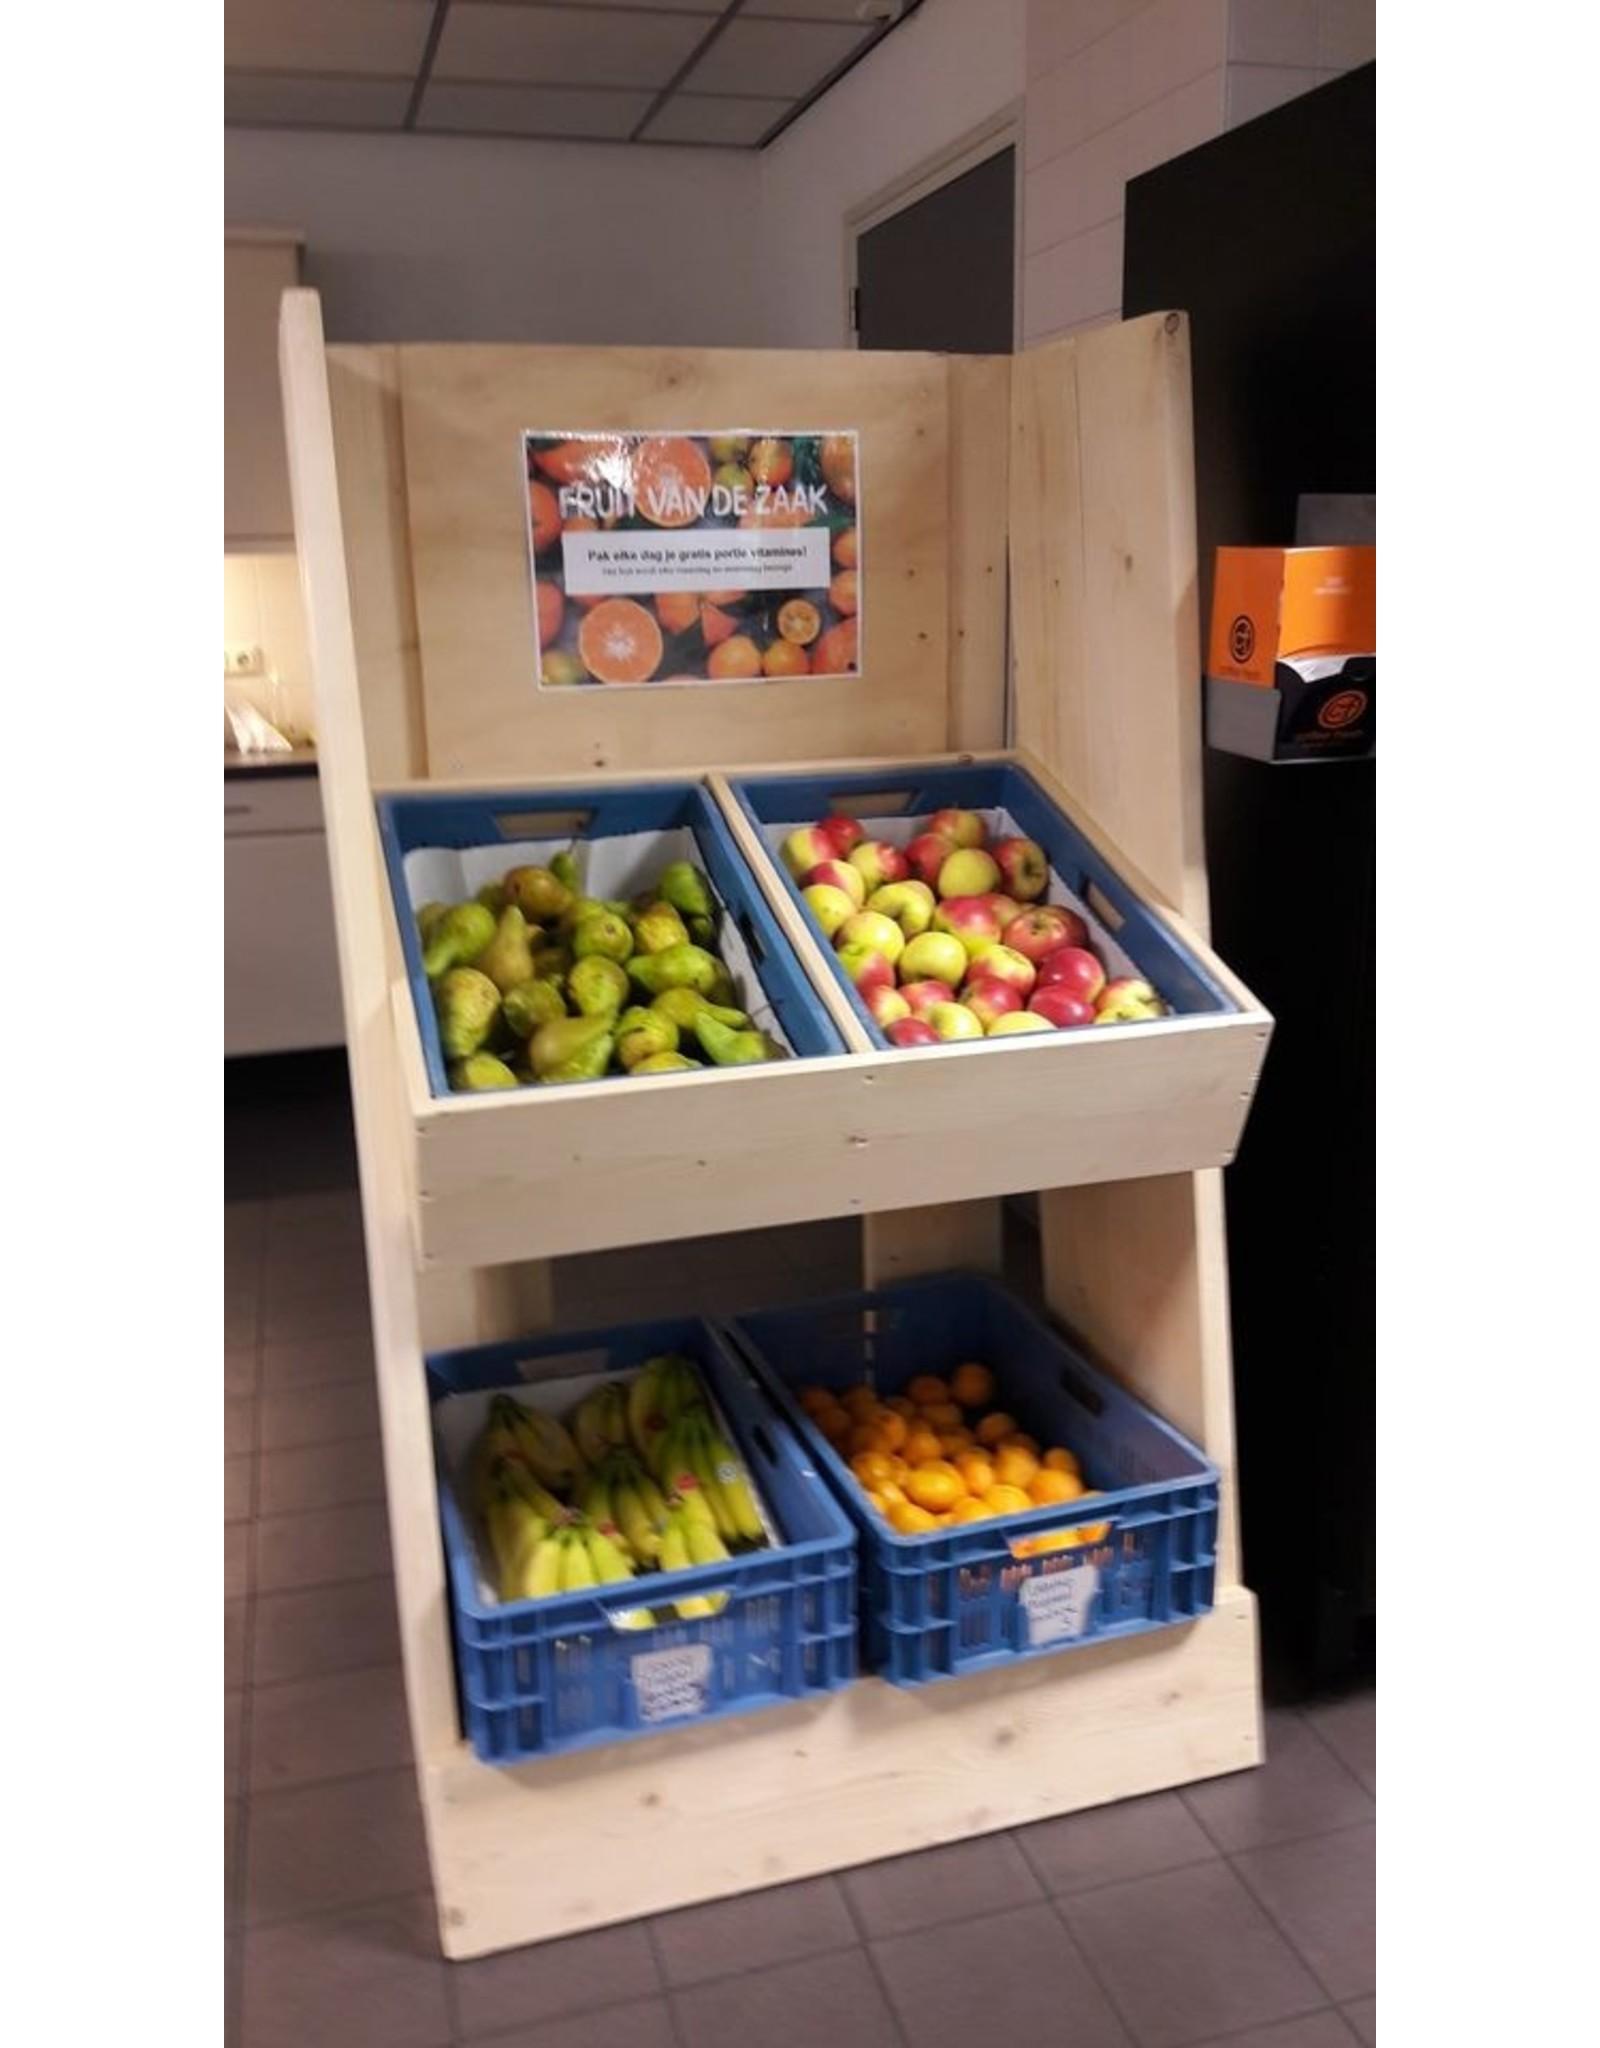 Voorbeeld bedrijfsfruit kantoorfruit